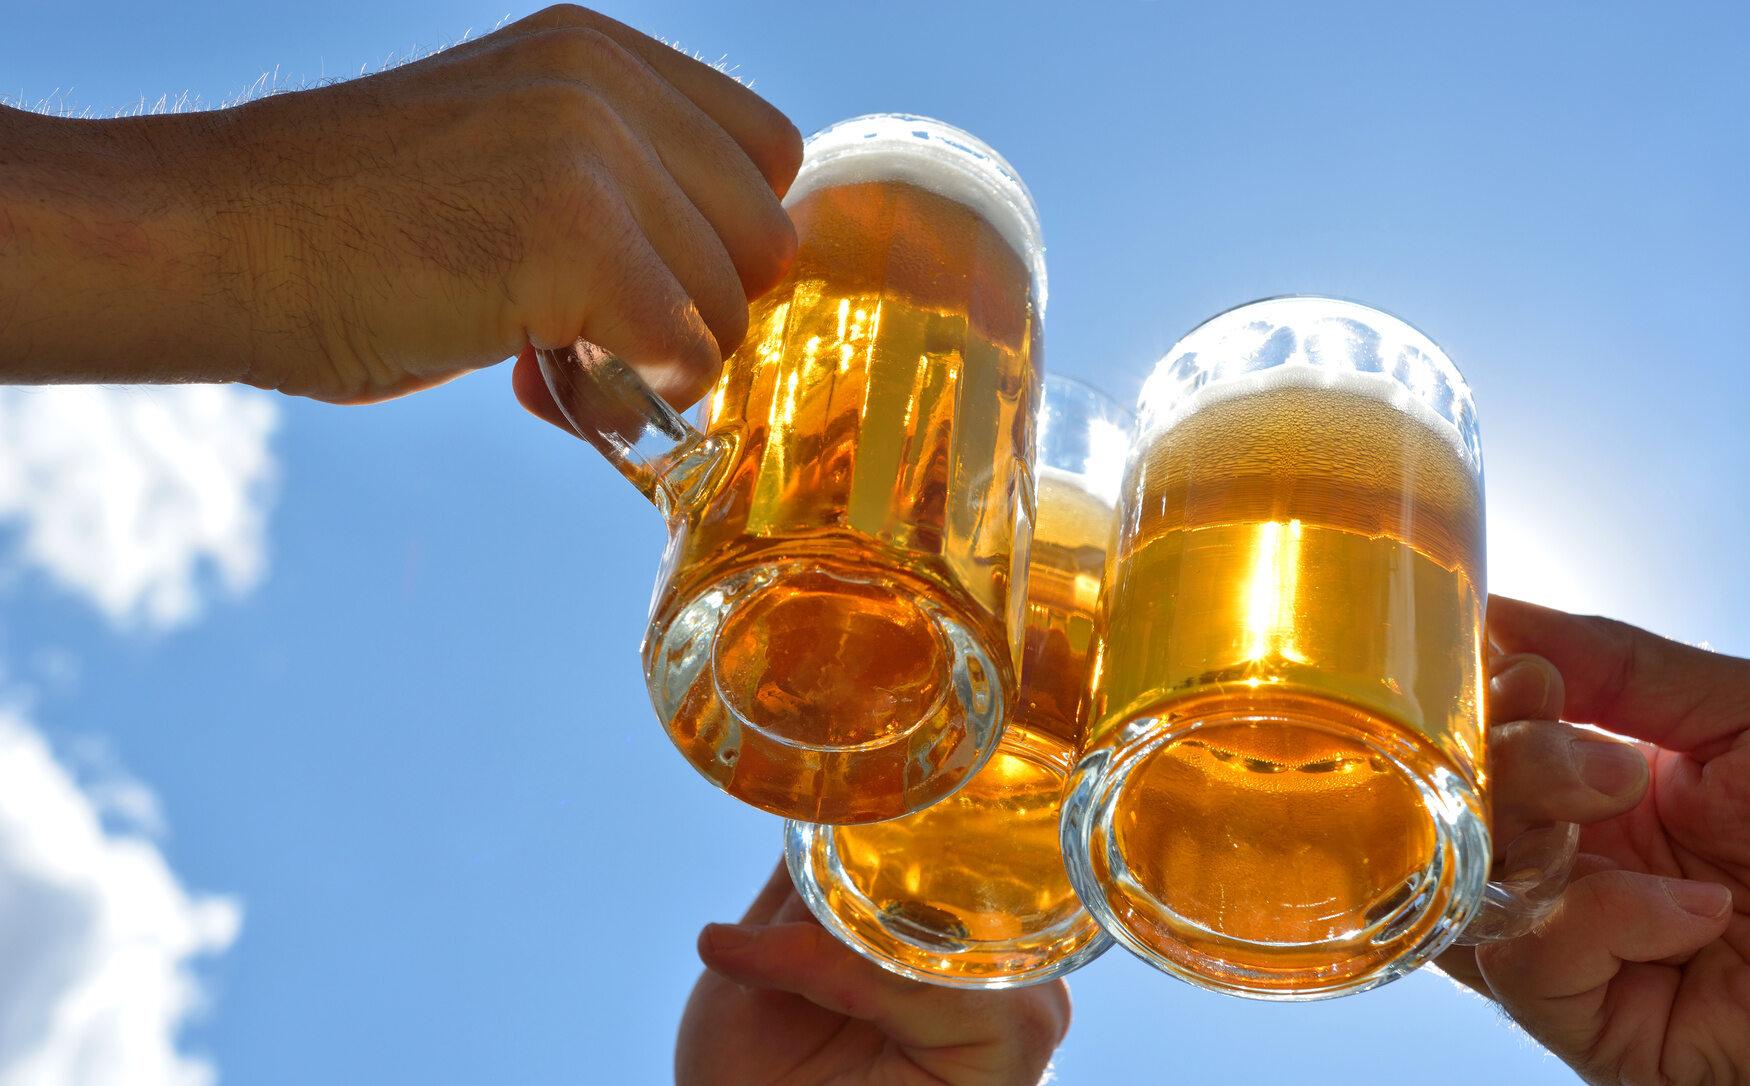 Piwo, zdjęcie ilustracyjne